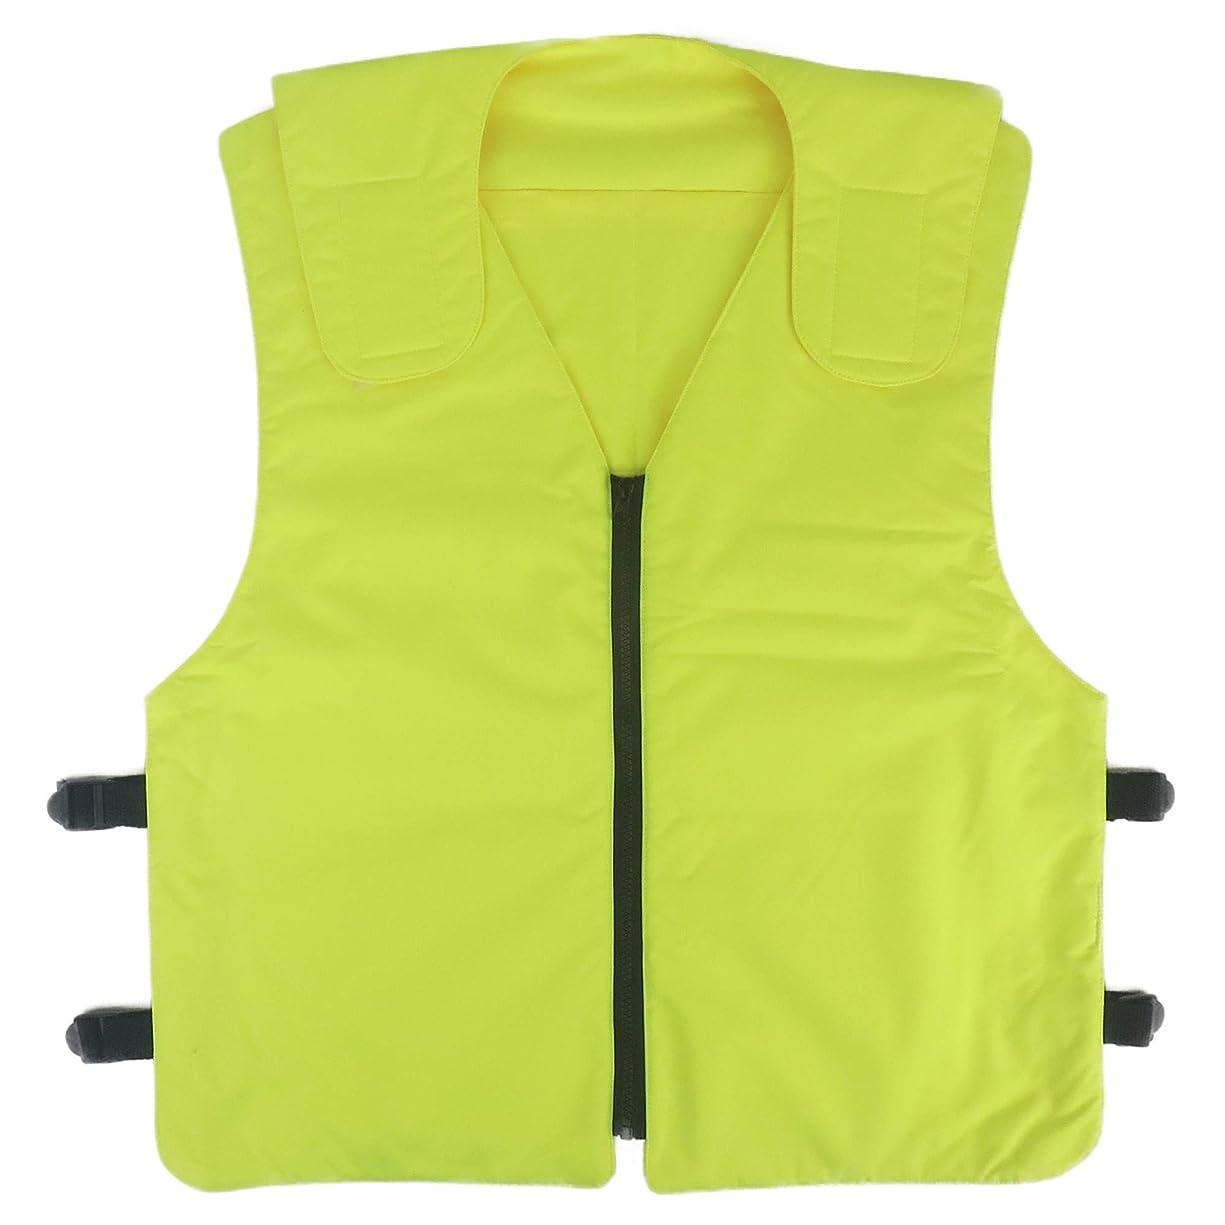 変成器ブラザー統合するGWJP 冷却ベスト クーリングベスト 注水タイプ 保冷材8個付き 空調服インナー フリーサイズ 男女兼用